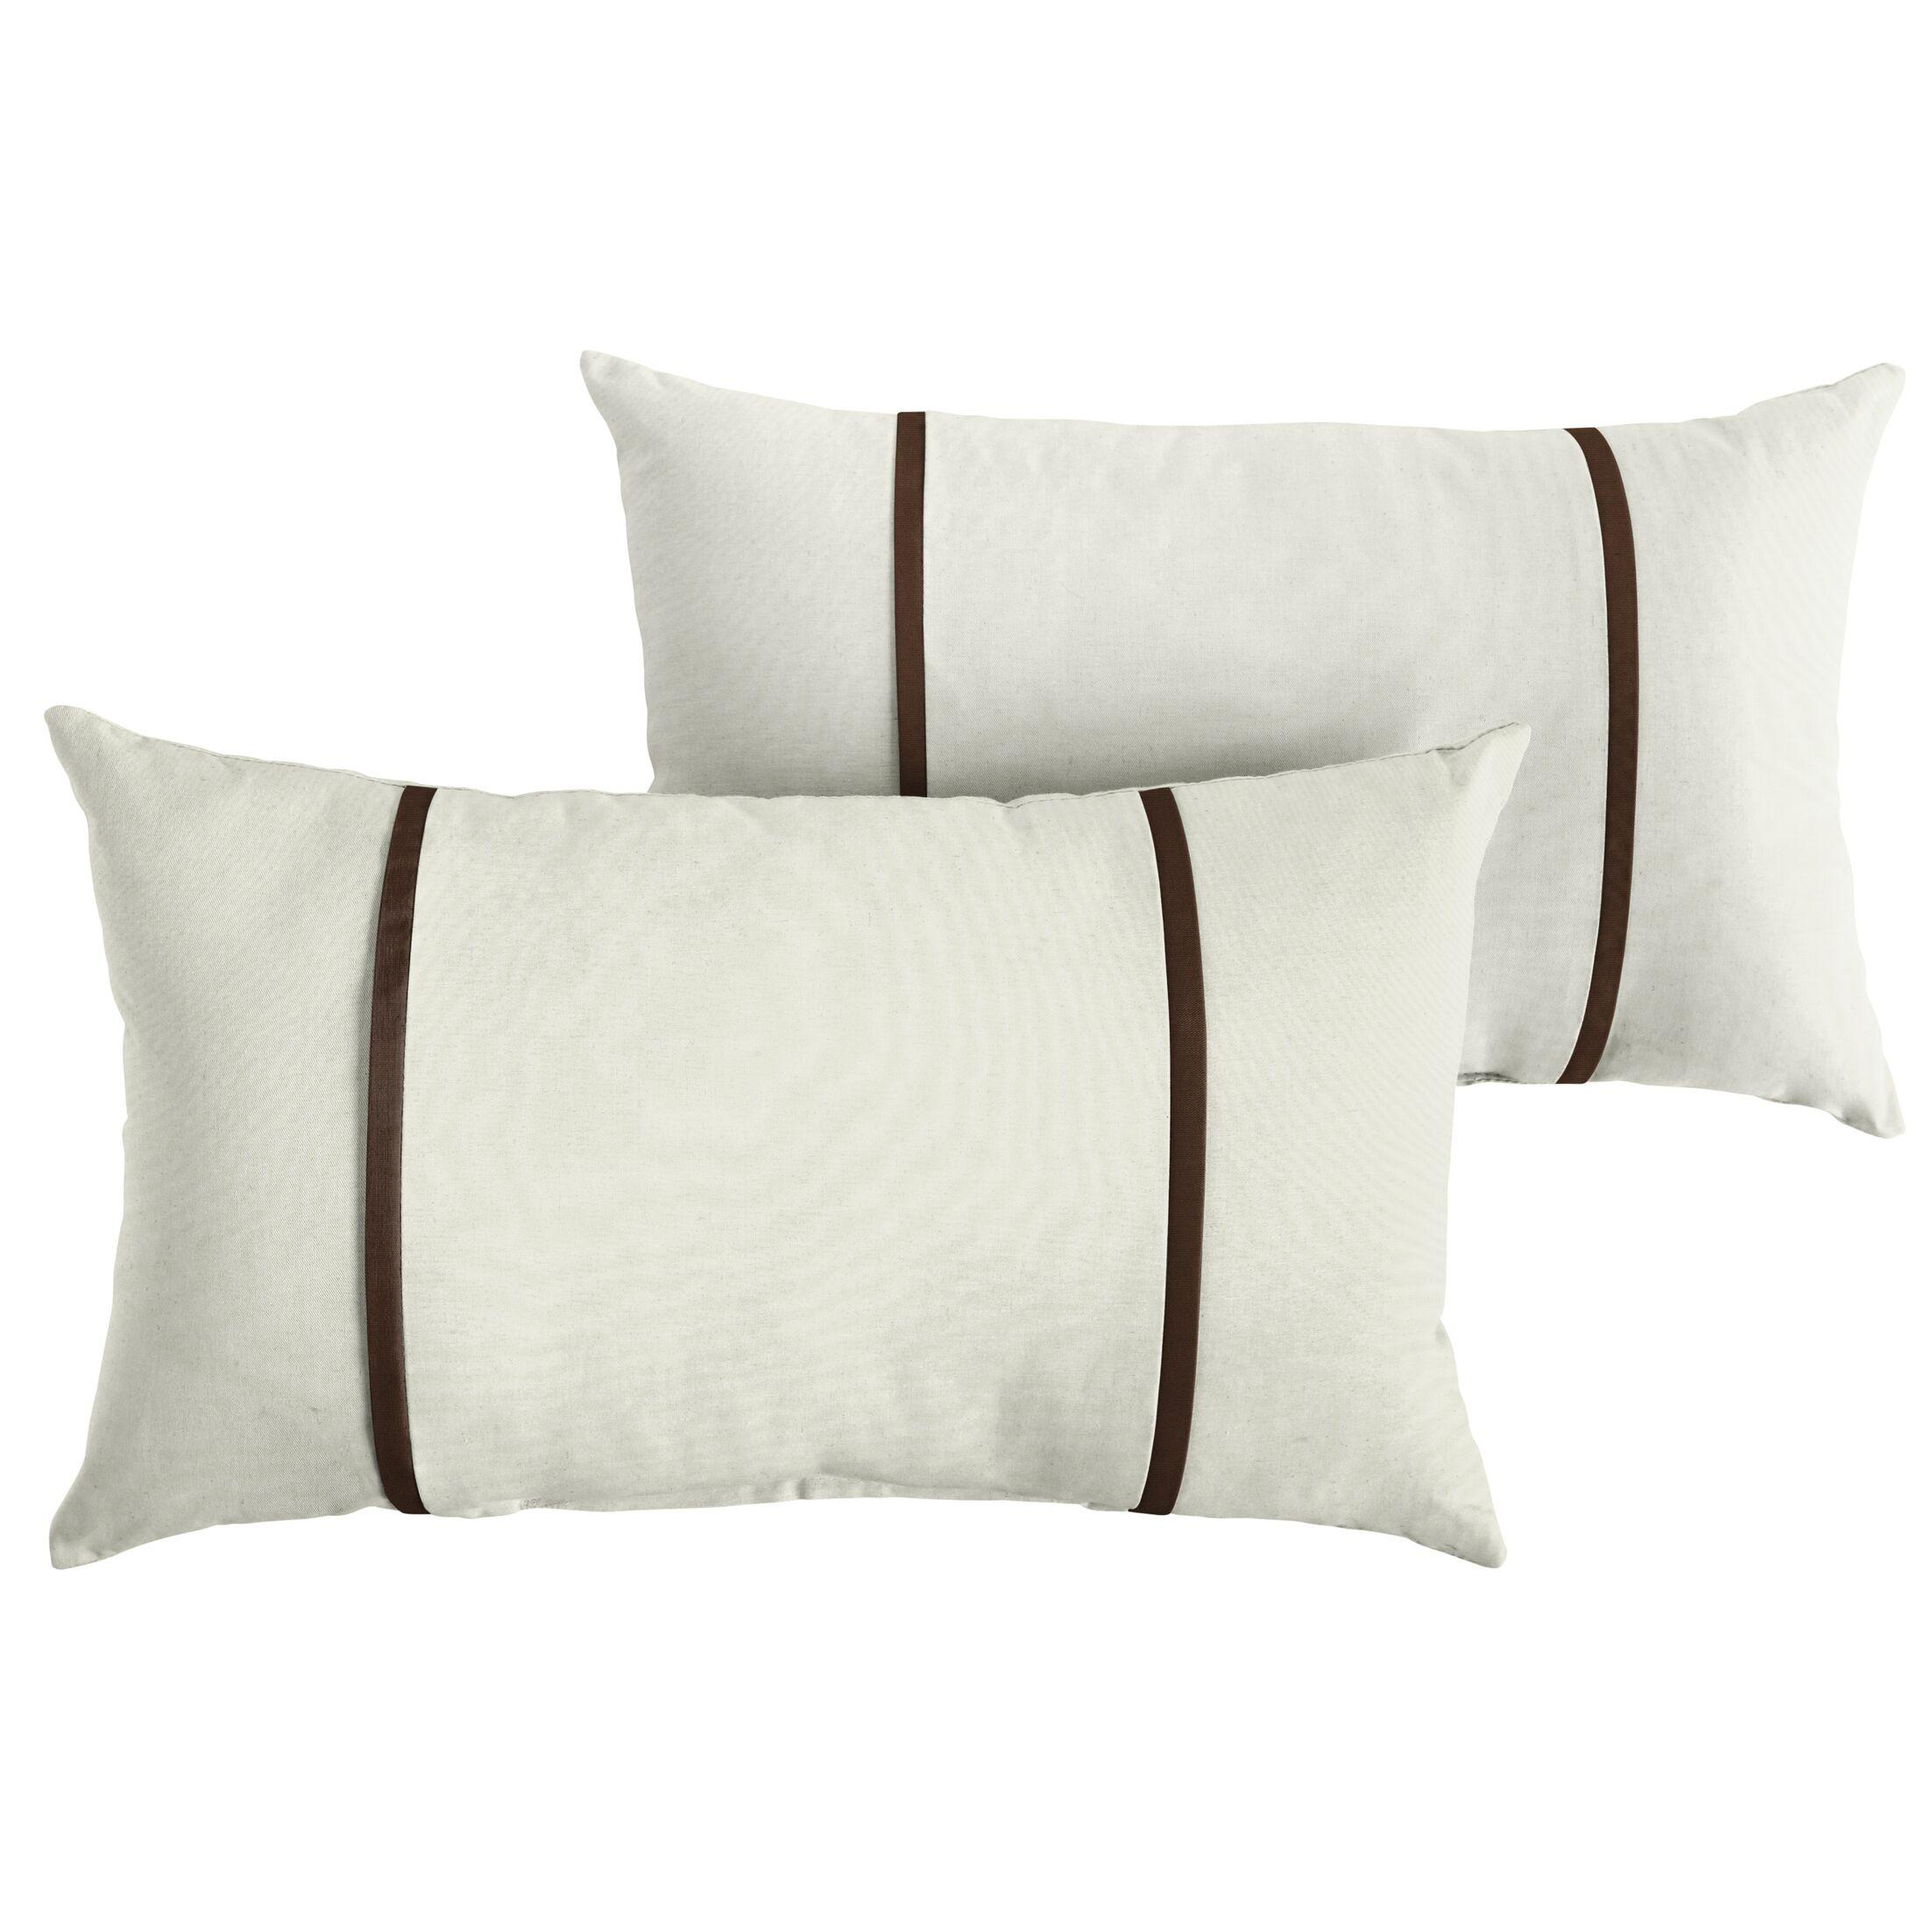 Churchton Indoor/Outdoor Sunbrella Lumbar Pillow Color: White/Brown